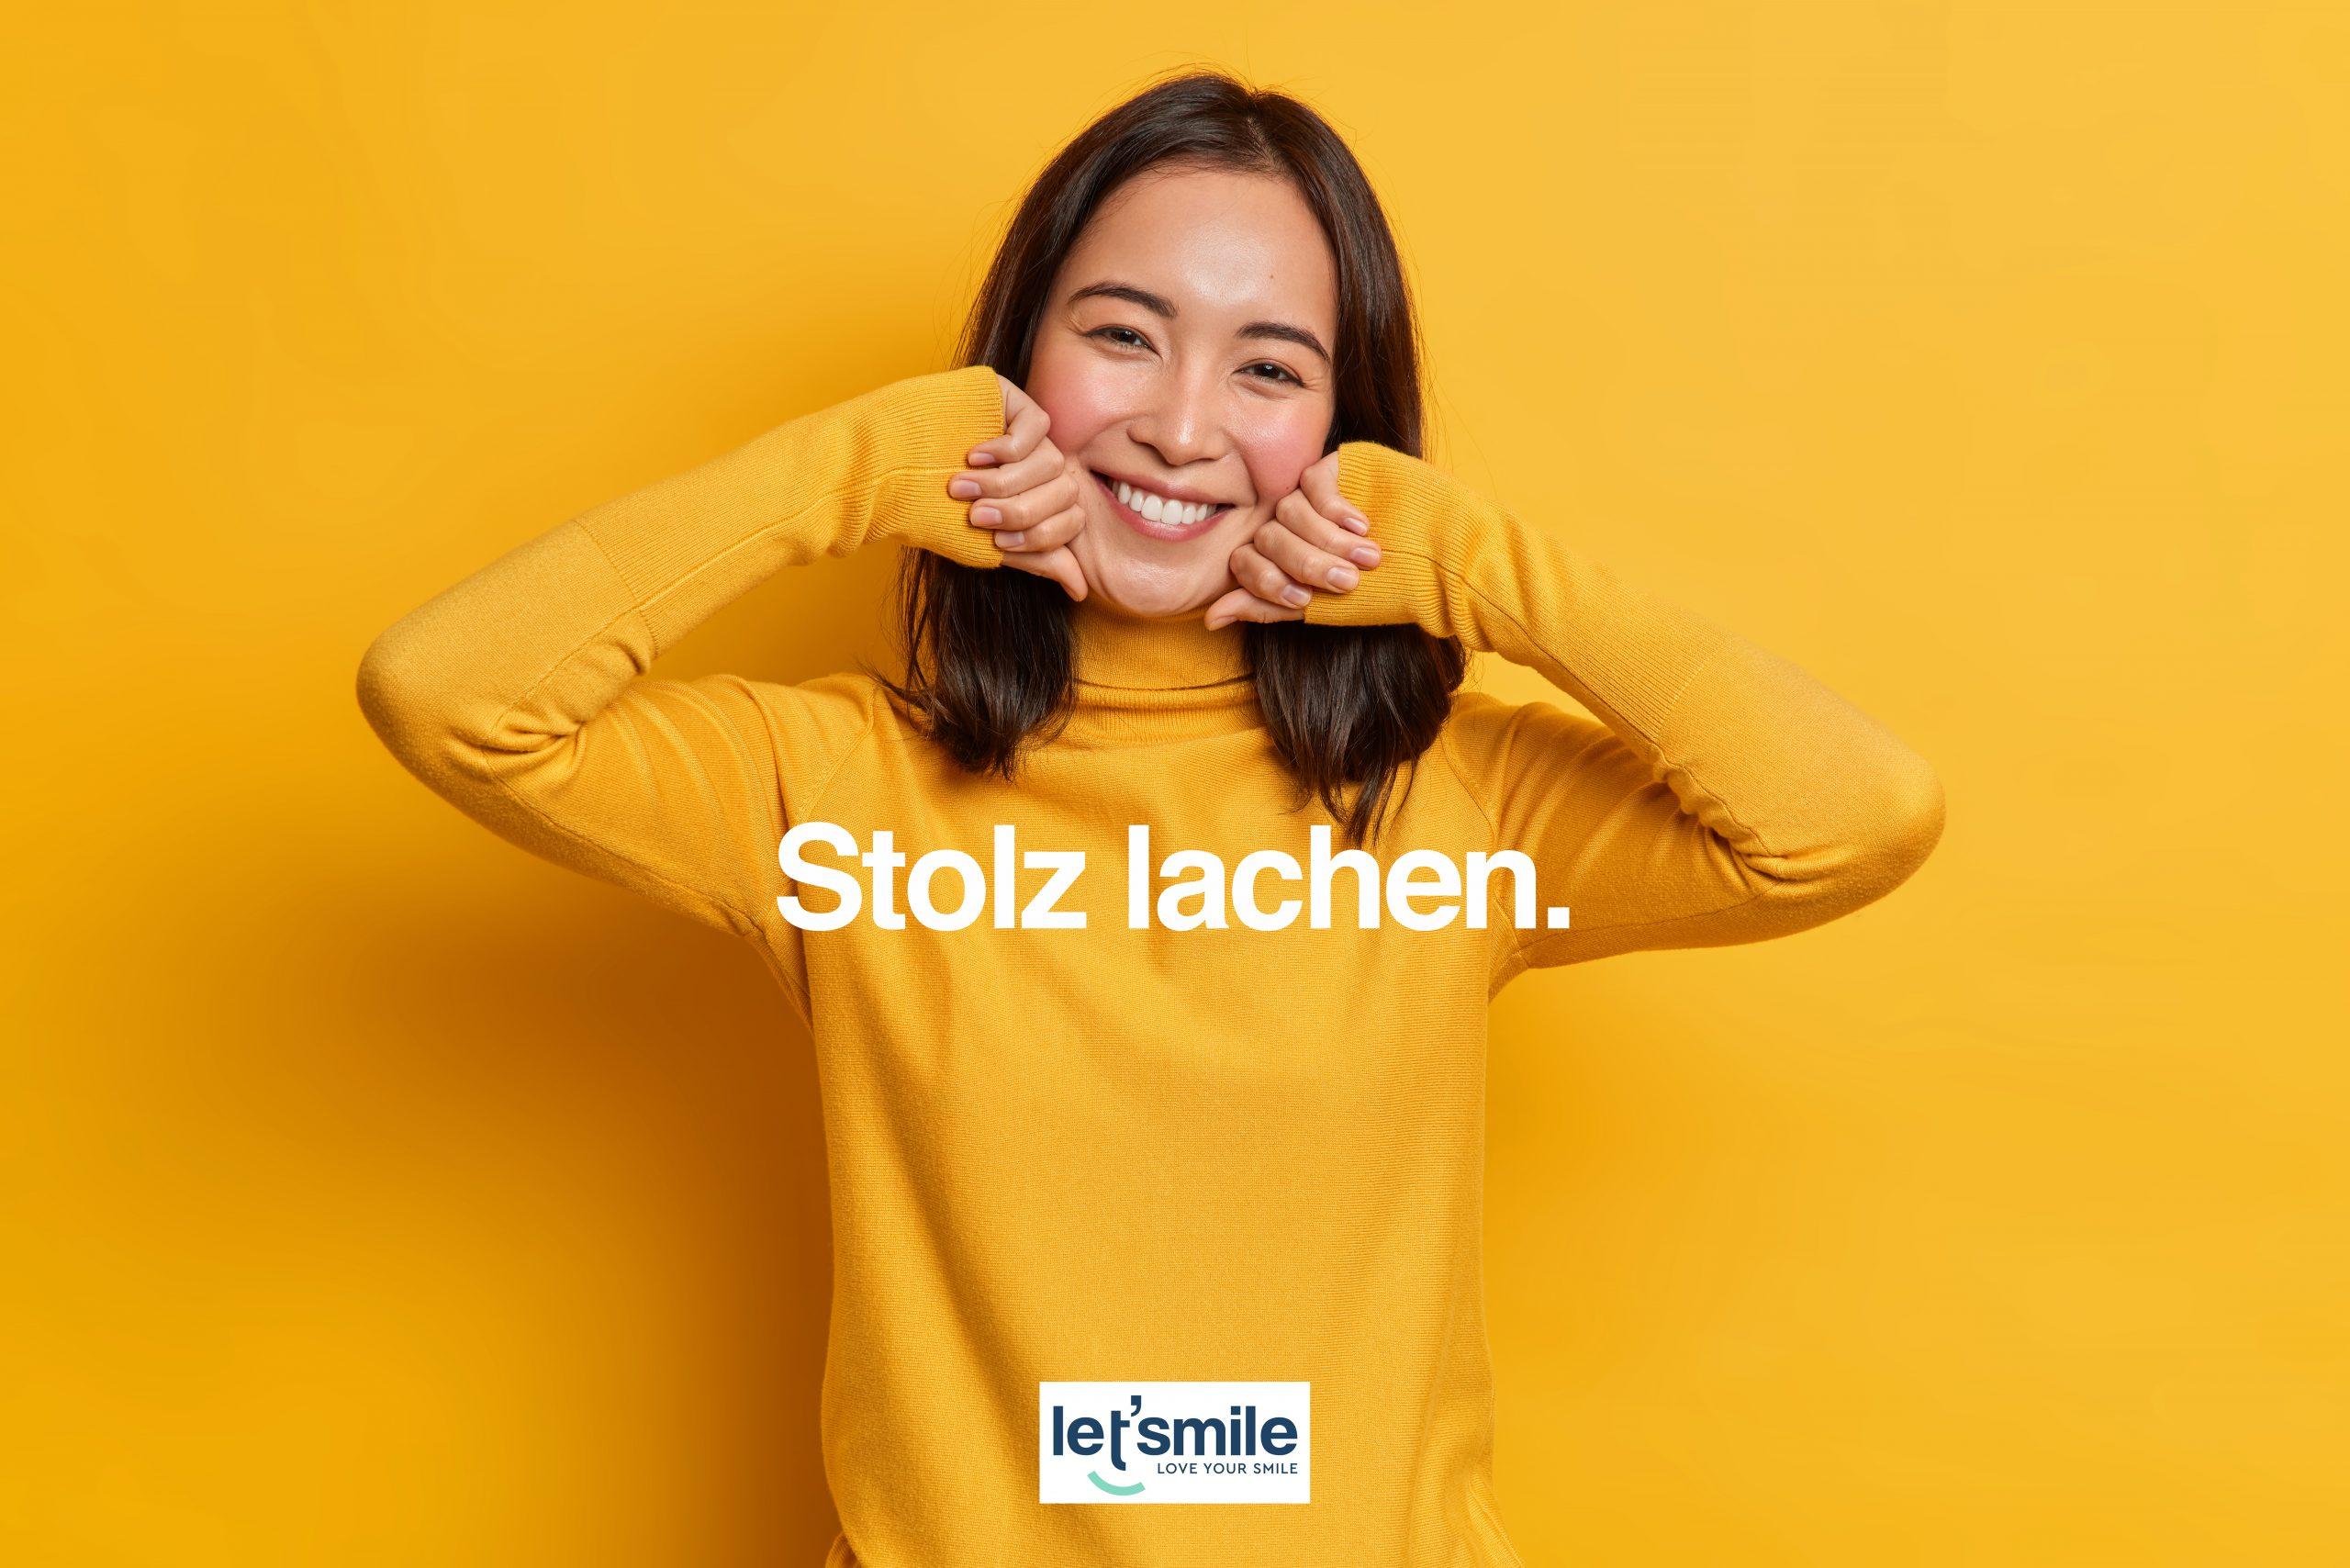 letsmile.de